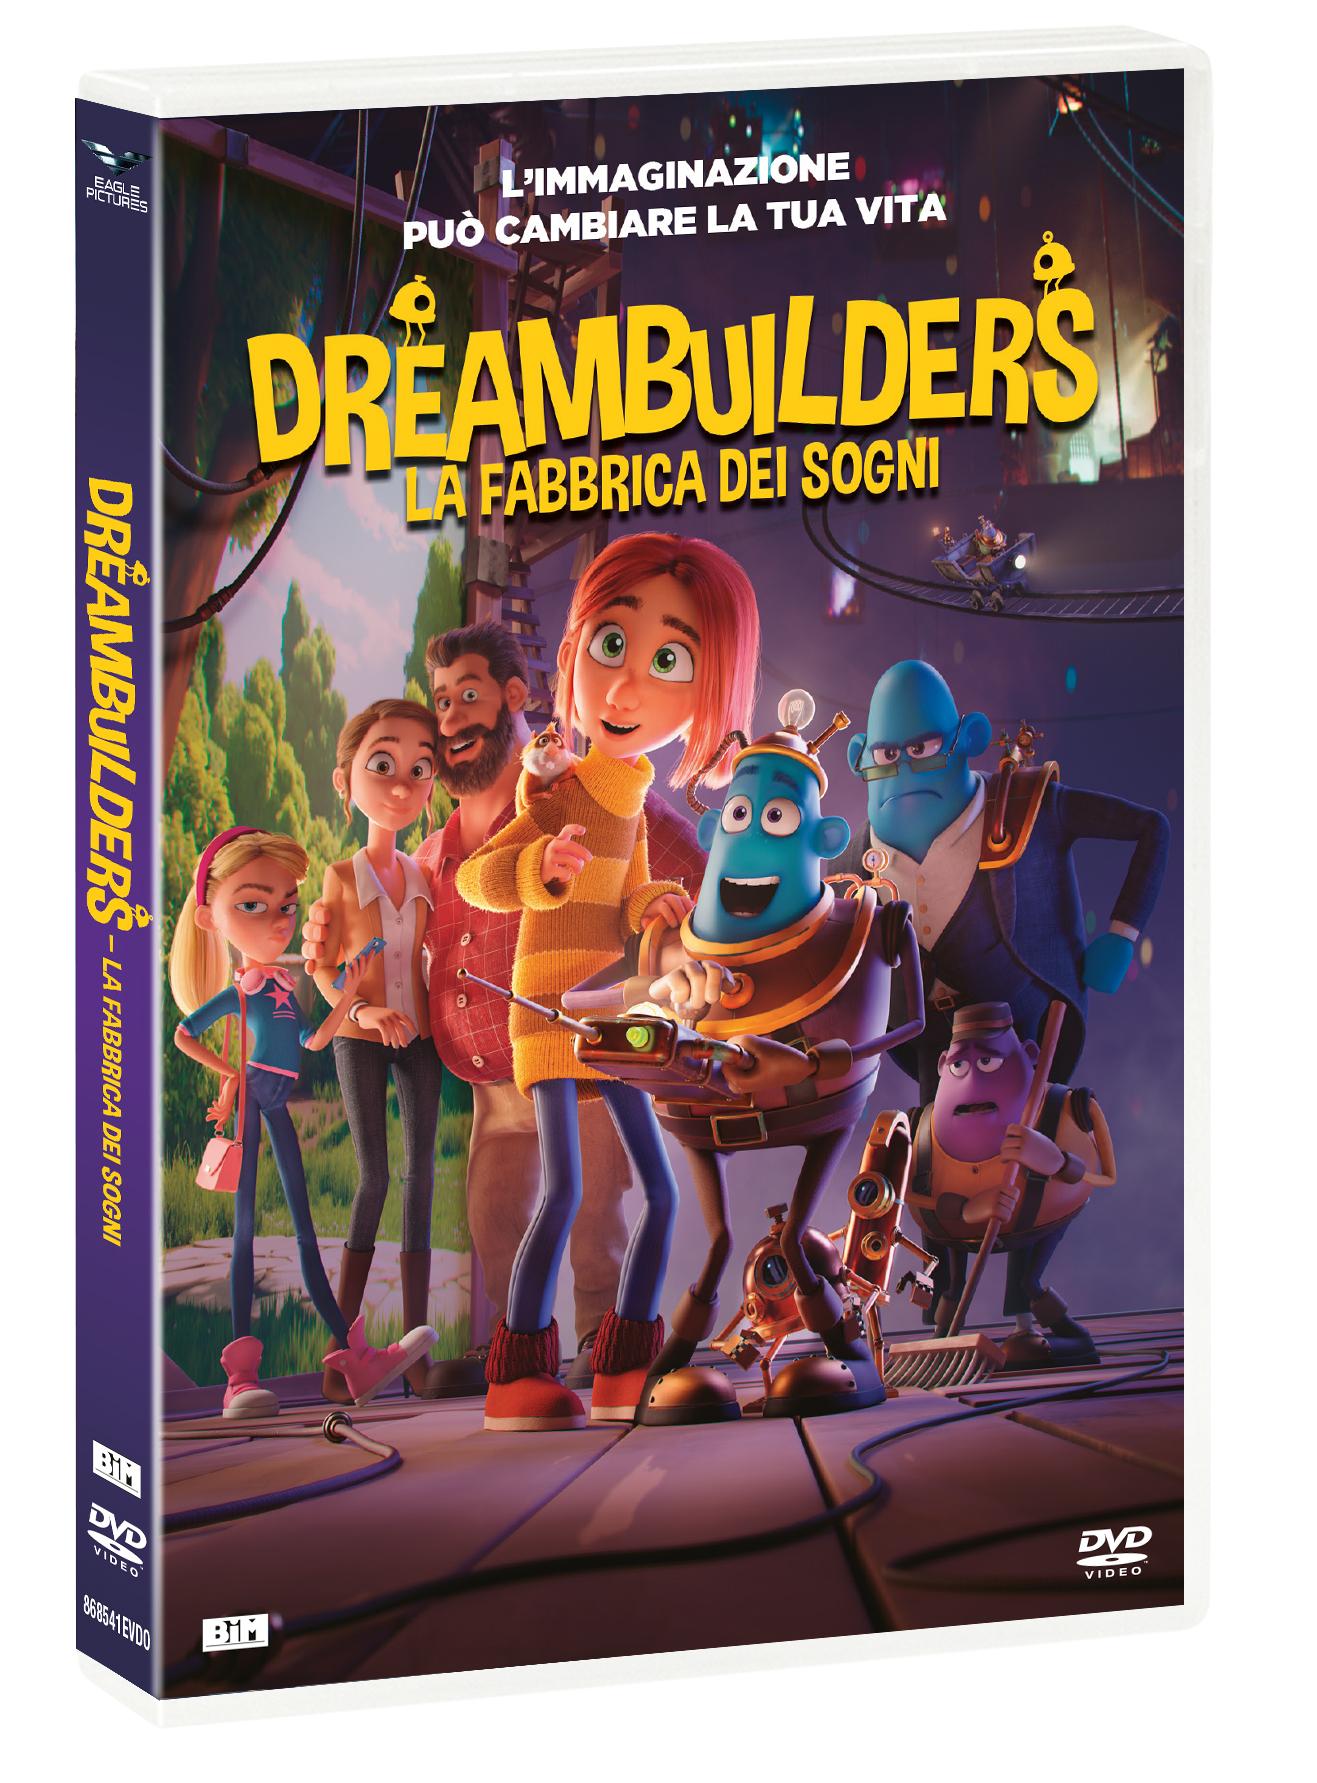 DREAMBUILDERS - LA FABBRICA DEI SOGNI (DVD)